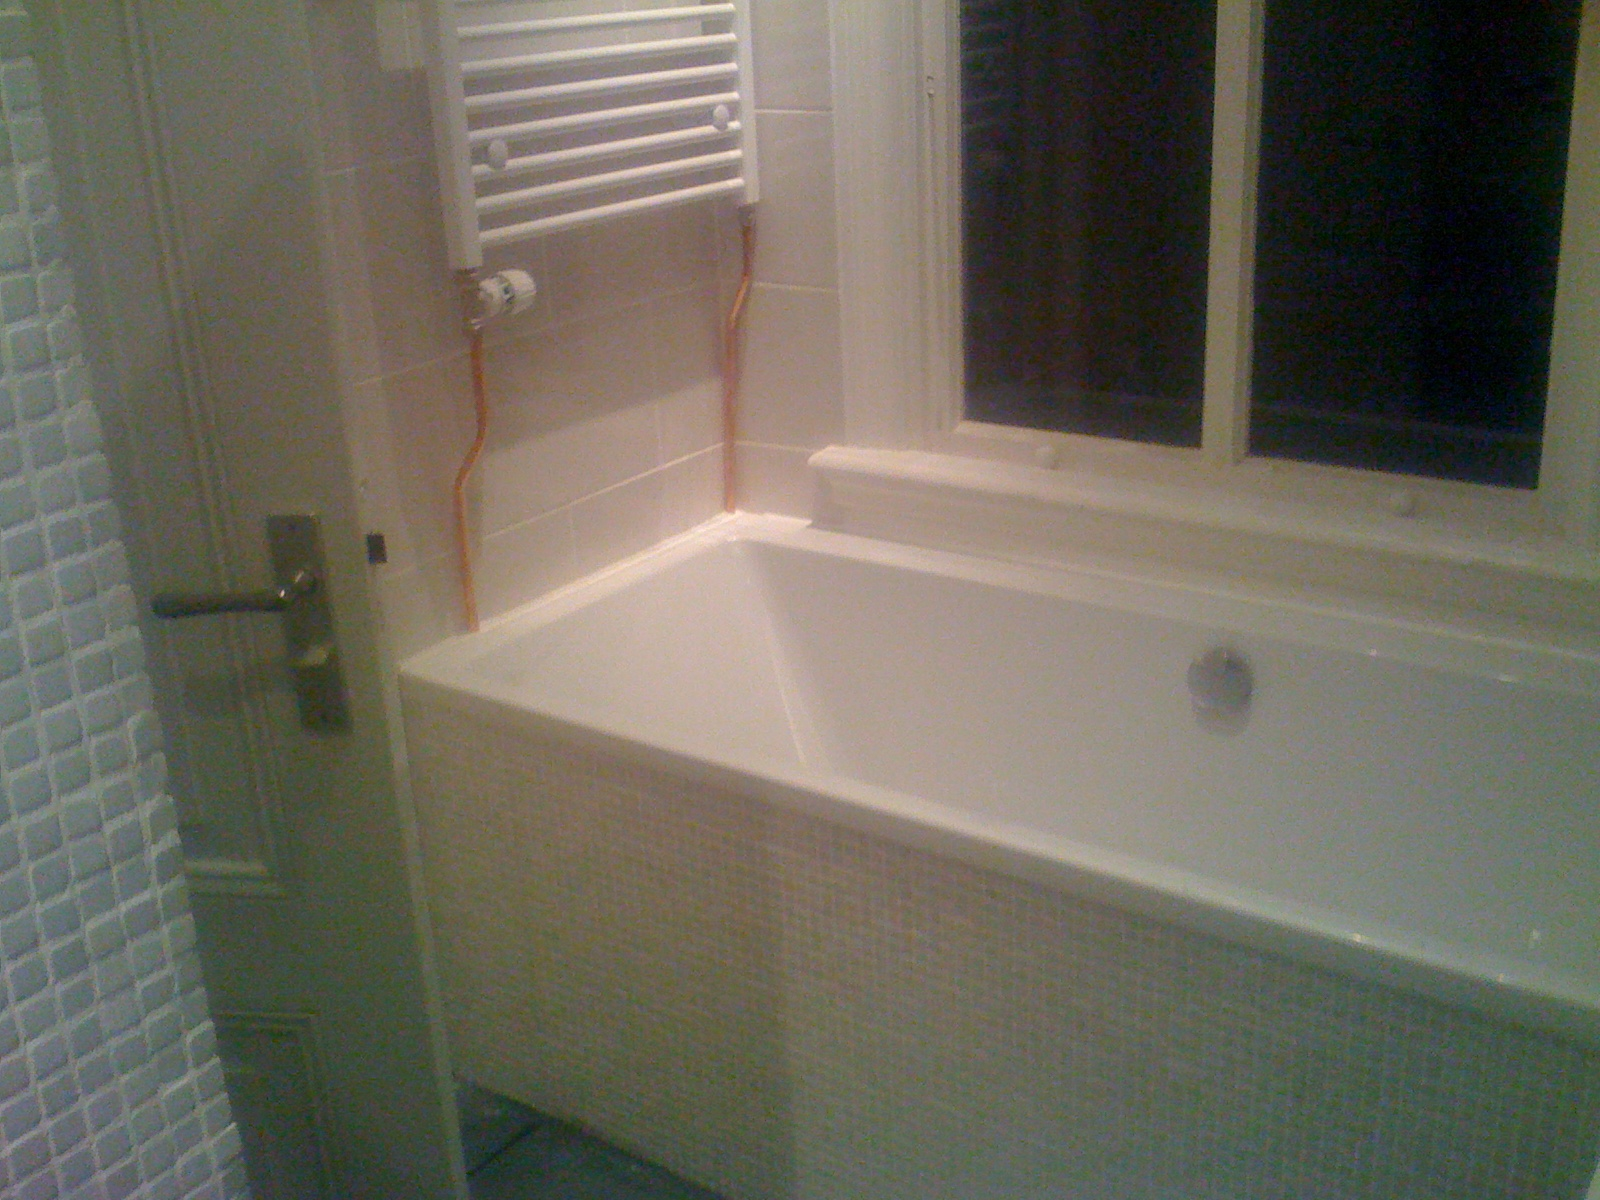 badkamermeubel handdoeken